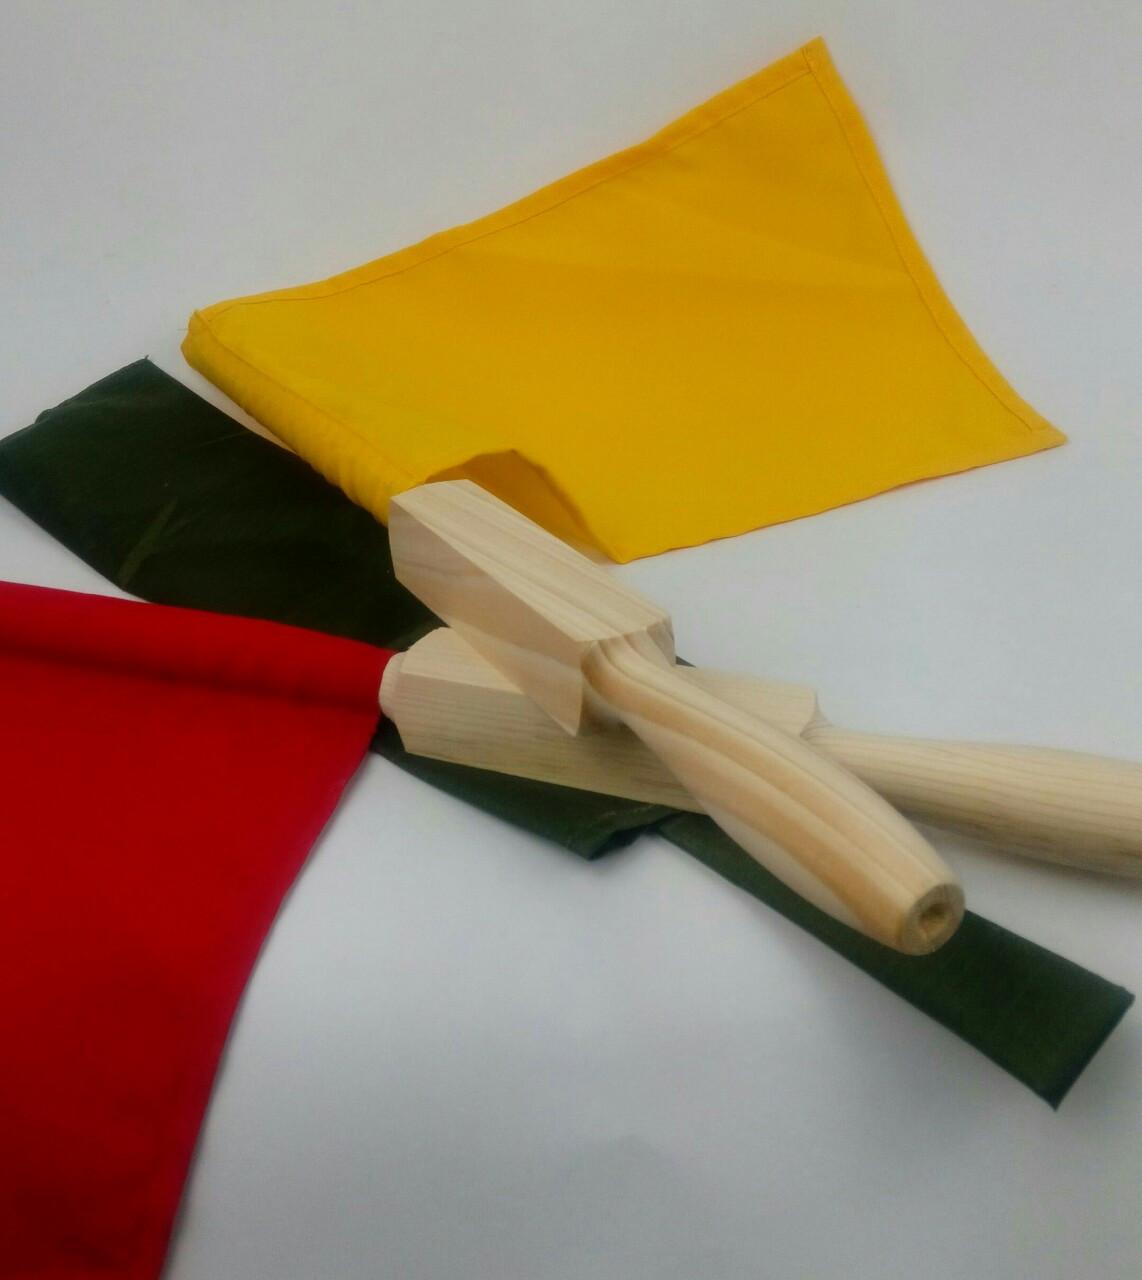 Сигнальные флажки в чехле. Сигнальный флажок армейский. Красный белый желтый